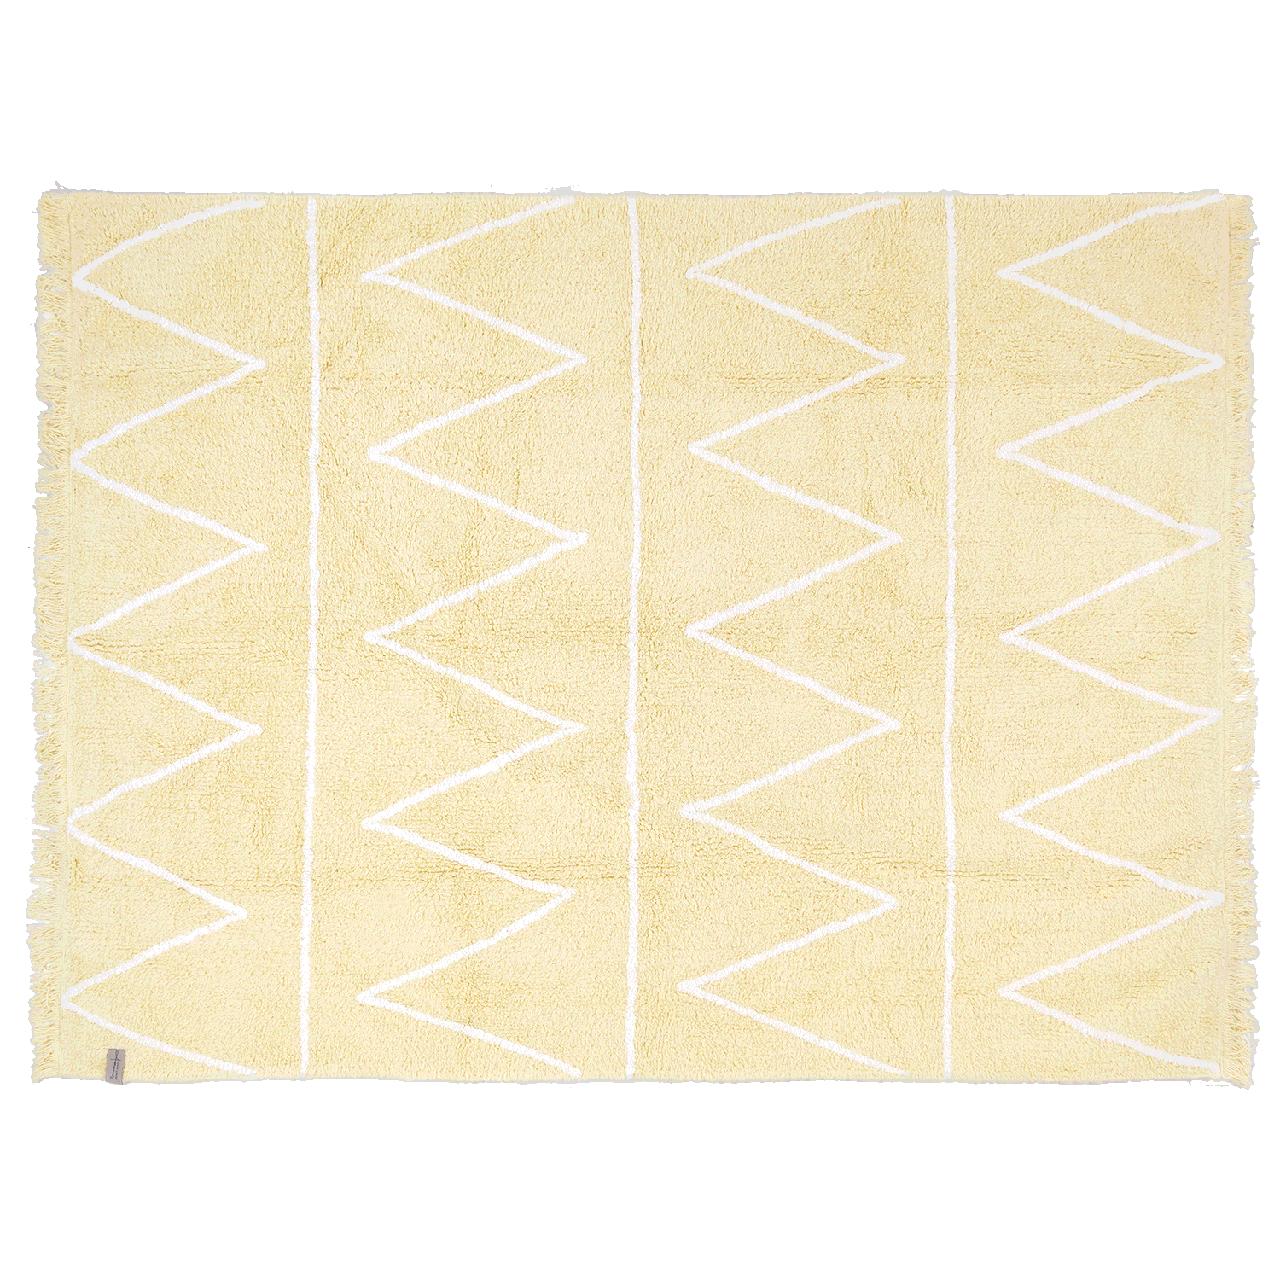 Lorena Canals - Ковер Hippy yellow, 120 x 160 см